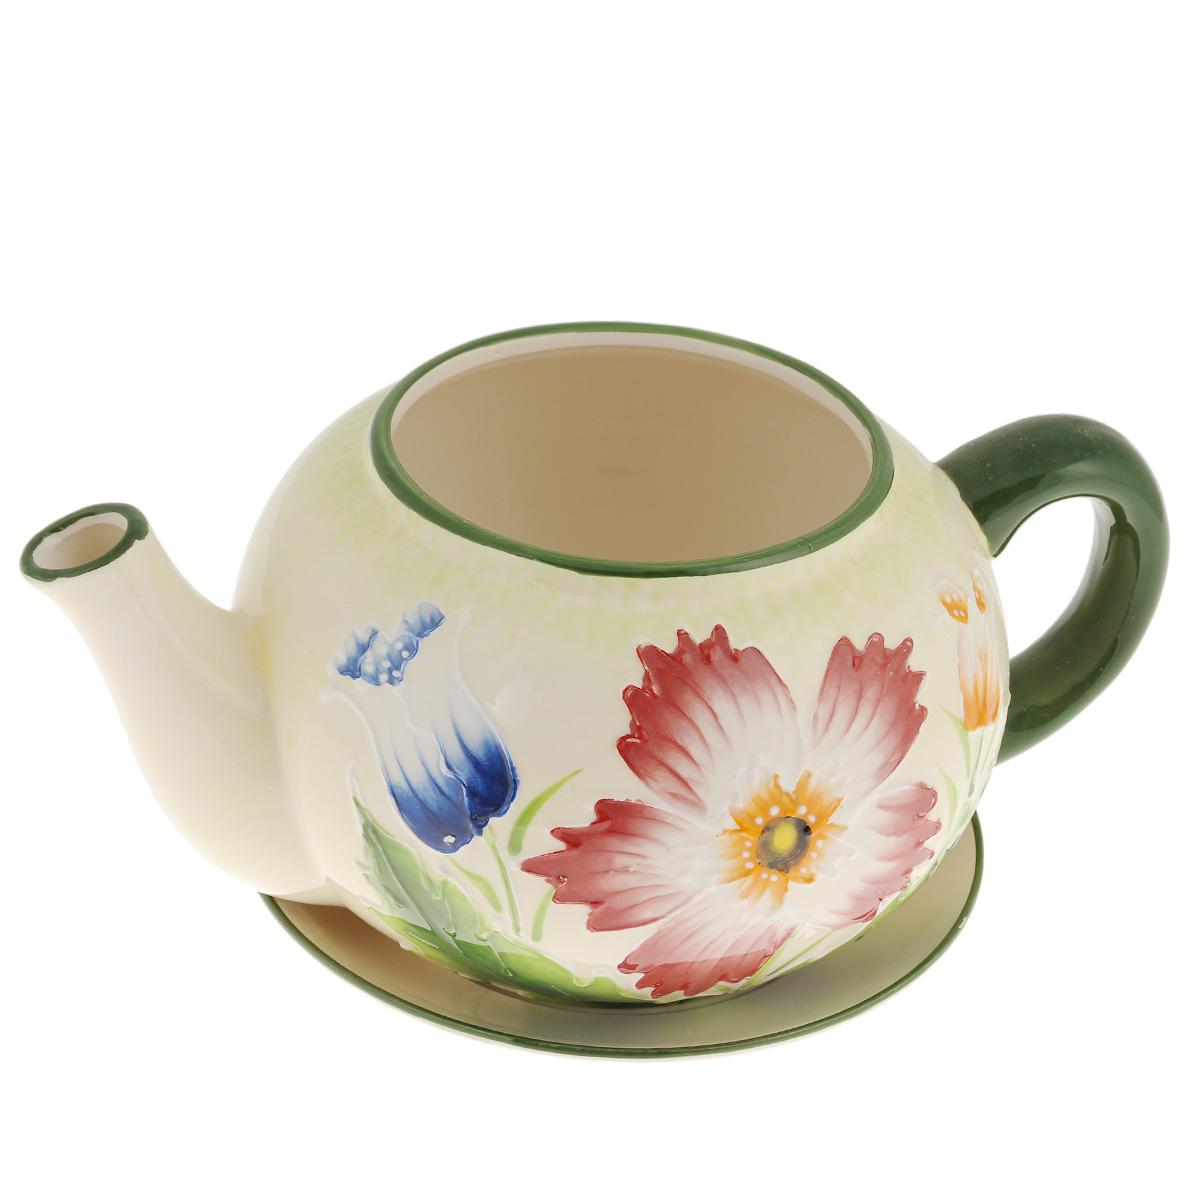 Кашпо Lillo Заварочный чайник, с поддоном. XY10S015-1FGPRW4-02-PКашпо-горшок для цветов Lillo Заварочный чайник выполнен из прочной керамики и декорирован красочным рисунком. Изделие предназначено для цветов.Такие изделия часто становятся последним штрихом, который совершенно изменяет интерьер помещения или ландшафтный дизайн сада. Благодаря такому кашпо вы сможете украсить вашу комнату, офис, сад и другие места. Изделие оснащено специальным поддоном - блюдцем.Диаметр кашпо по верхнему краю: 12 см.Высота кашпо (без учета поддона): 14 см.Диаметр поддона: 20,5 см.